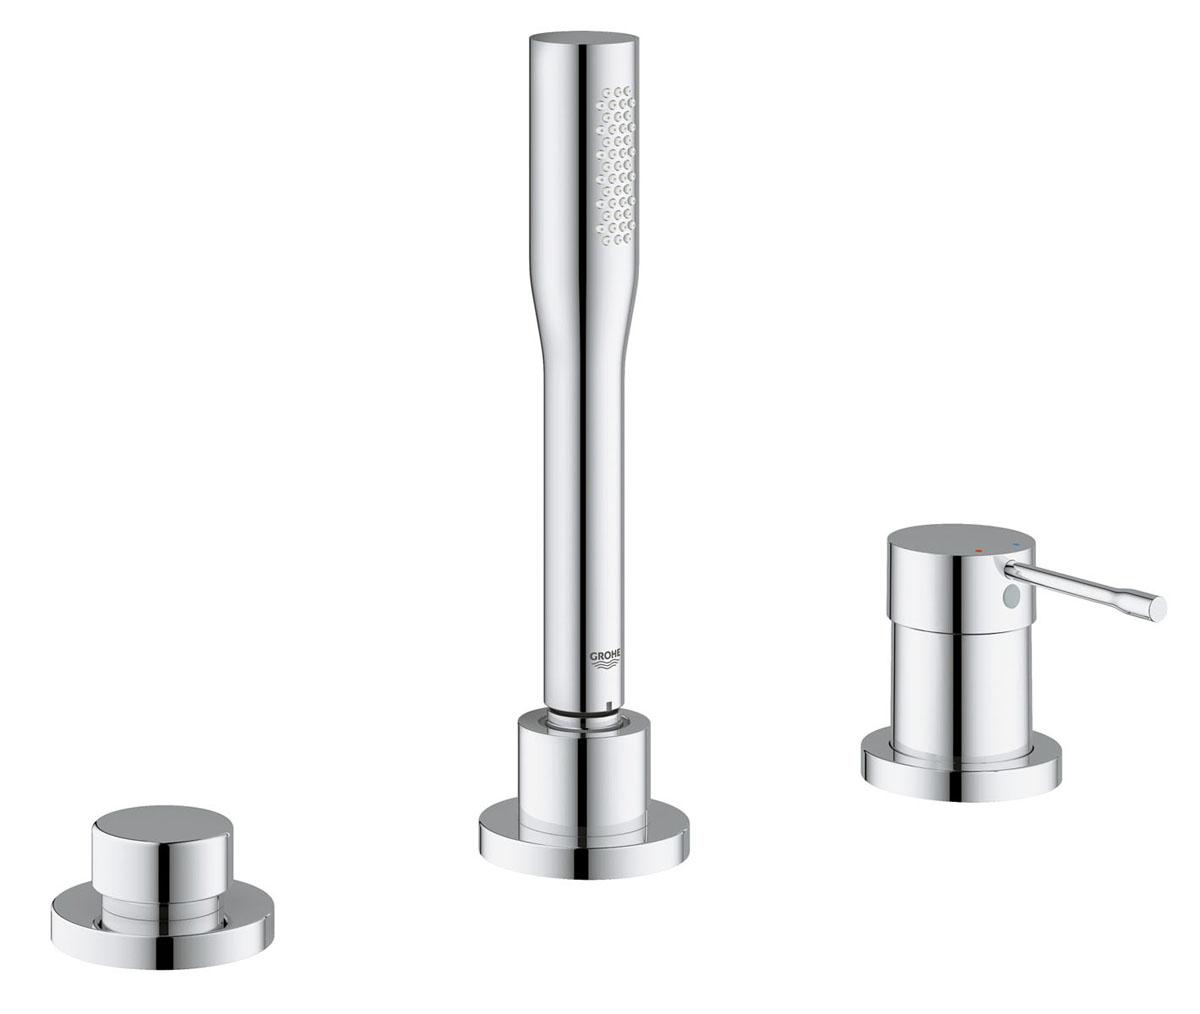 Смеситель для ванны Grohe Essence+, на 3 отверстия, с душевым гарнитуром19976001Смеситель для ванны Grohe Essence+ оснащен одной рукоятью для регулировки напора воды. Монтаж данной модели производиться на три отверстия. Для установки смесителя на бору ванны заранее вырезаются отверстия для установки. Модель монтируется на гайке, нижняя часть корпуса смесителя вставляется в отверстие для монтажа и с обратной стороны притягивается гайкой для фиксации. Выполнен в современном стиле, необычная модель с явно выраженным дизайнерским исполнением. Материал корпуса латунь - это надежный материал высокого качества, который обеспечивает идеальное нанесение хромированного покрытия. Модель традиционной округлой формы. Данная модель не оснащена изливом. Присоединительный размер 1/2. В комплекте инструкция по установке, гарантийный талон, душевой шланг, душевая лейка, держатель лейки, гибкая подводка.